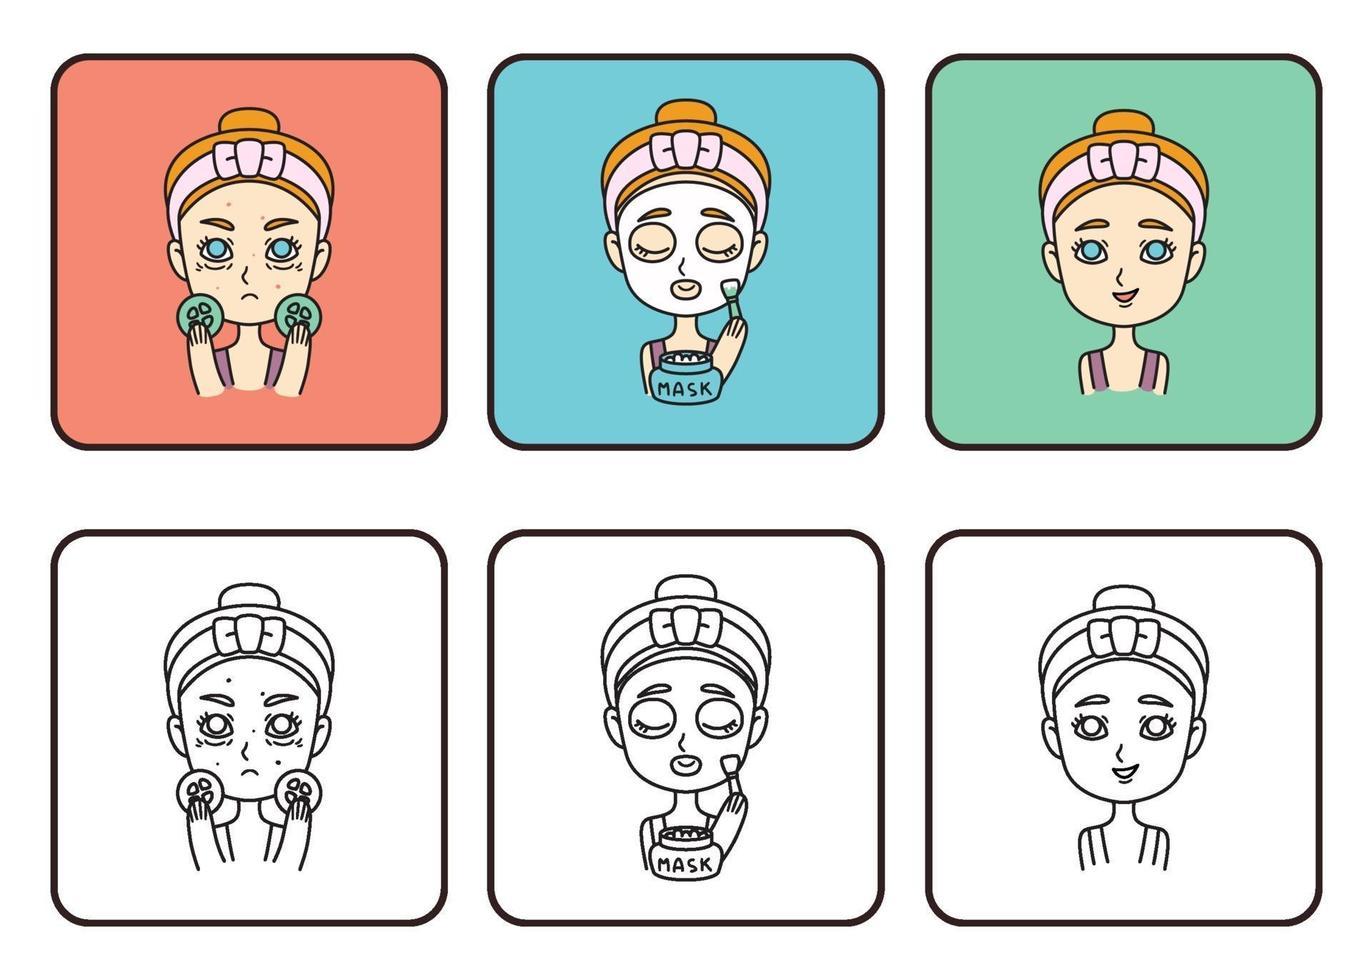 fille fait un masque facial. prends soin de toi. fille adolescente faire un masque avec des concombres. illustration vectorielle isolée sur fond blanc. vecteur